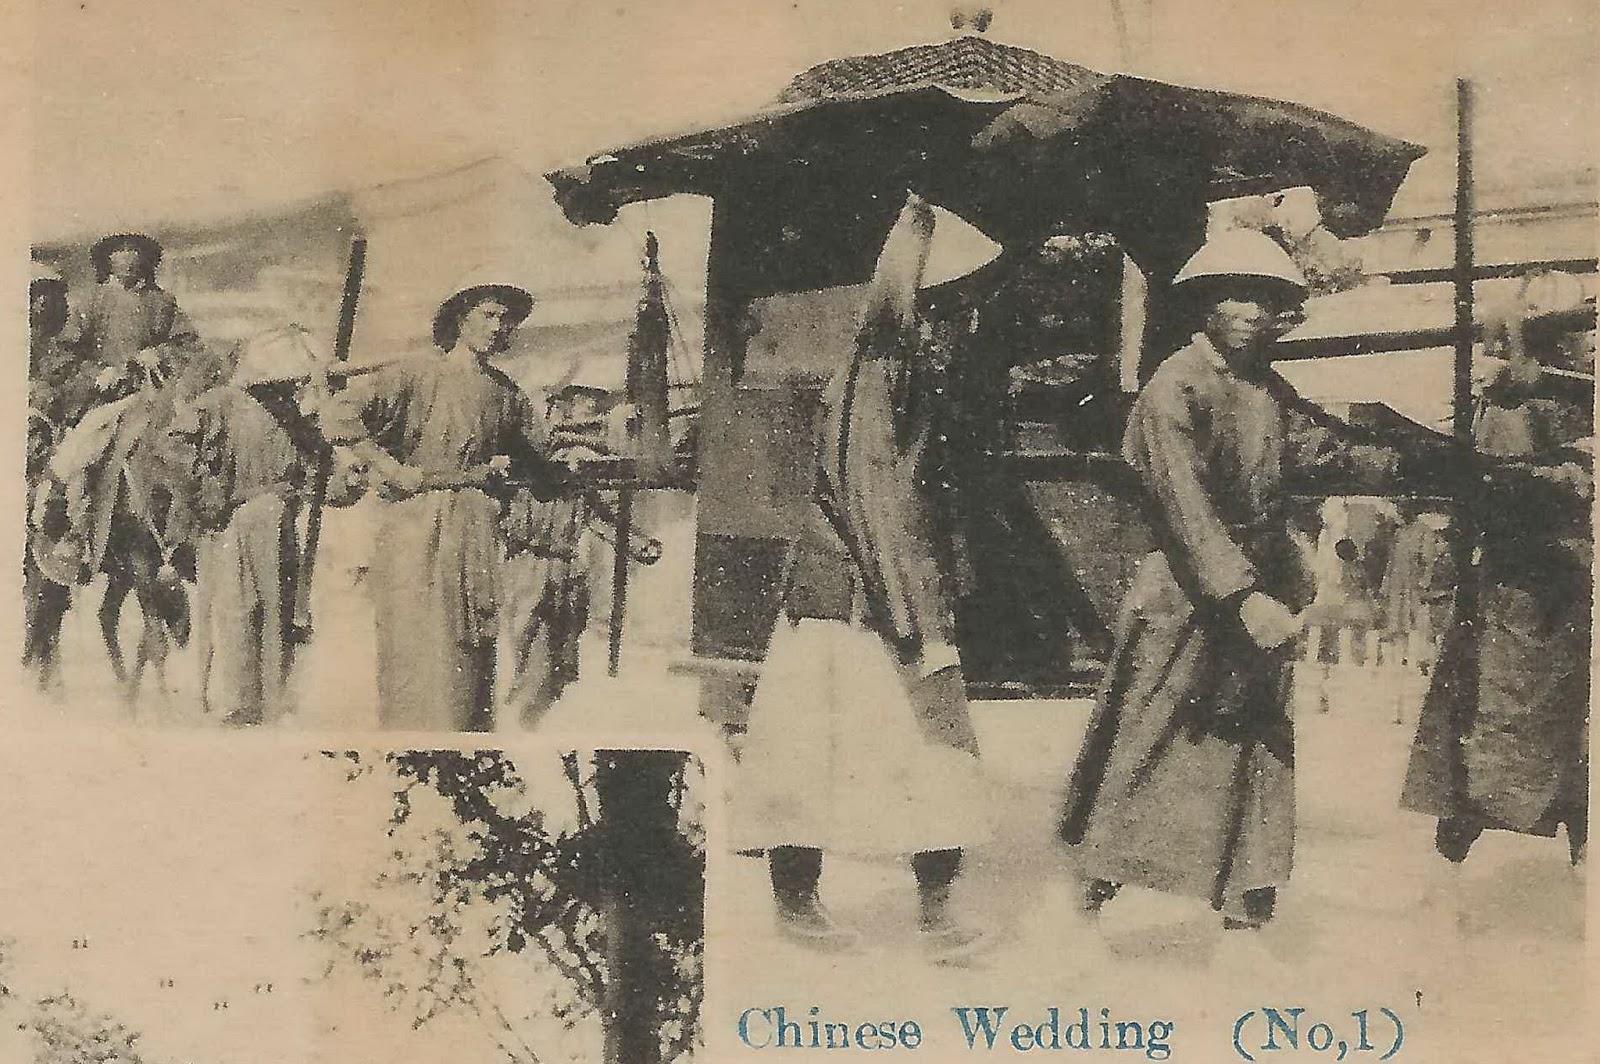 Homens carregando uma liteira para casamento chinês de antigamente: ilustra a seção a respeito dos textos das linhas de ''Chi Chi / Após a Conclusão'', um dos 64 hexagramas do I Ching, o Livro das Mutações